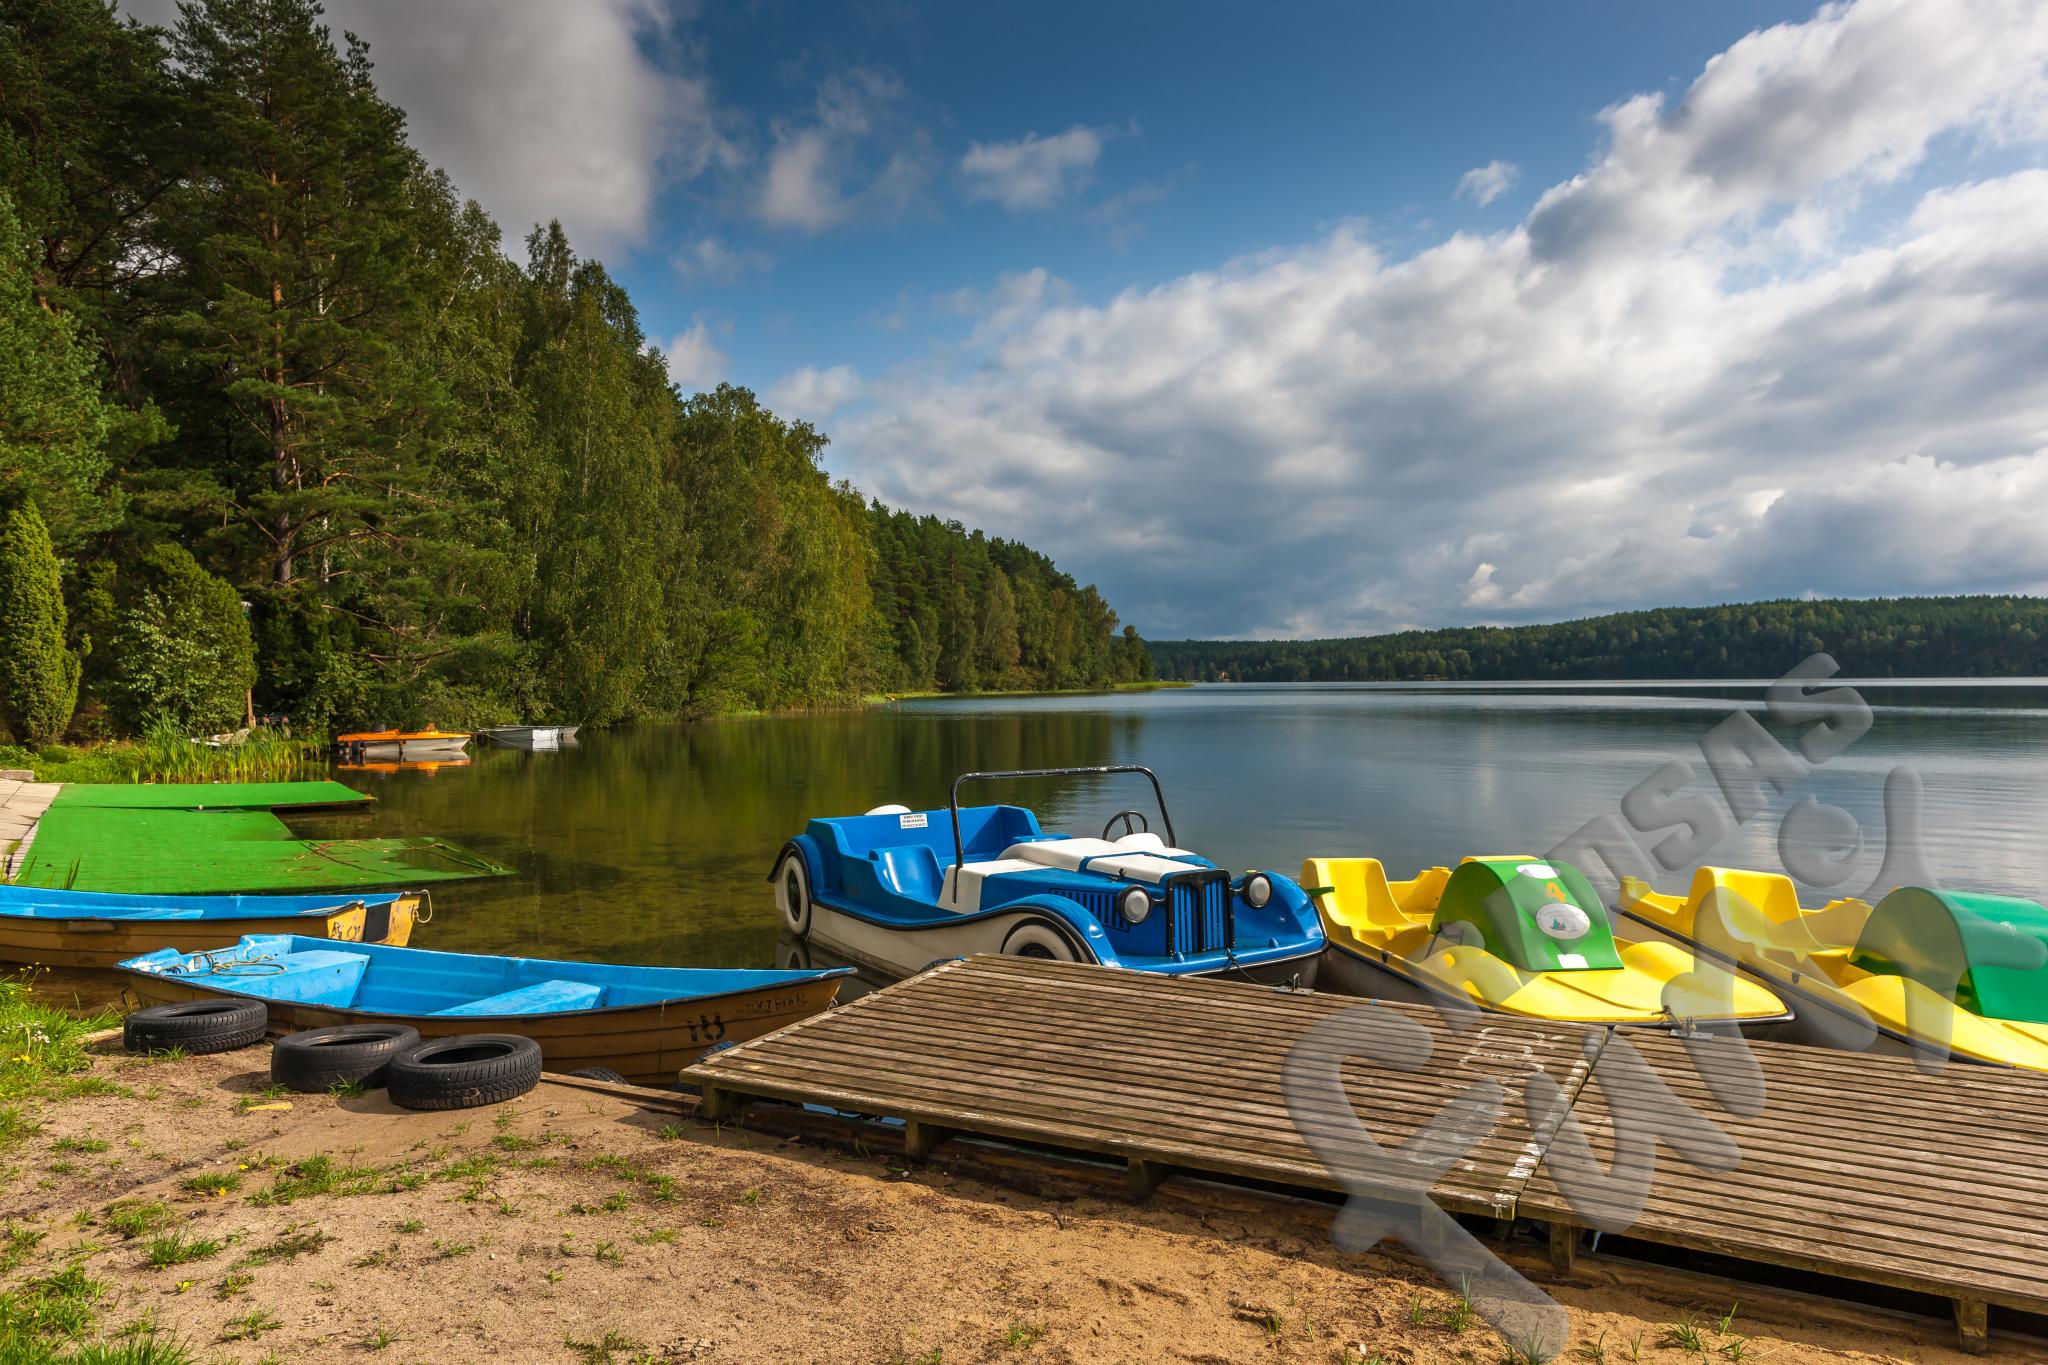 Przystań wodna – Beaver Tourist Wiele